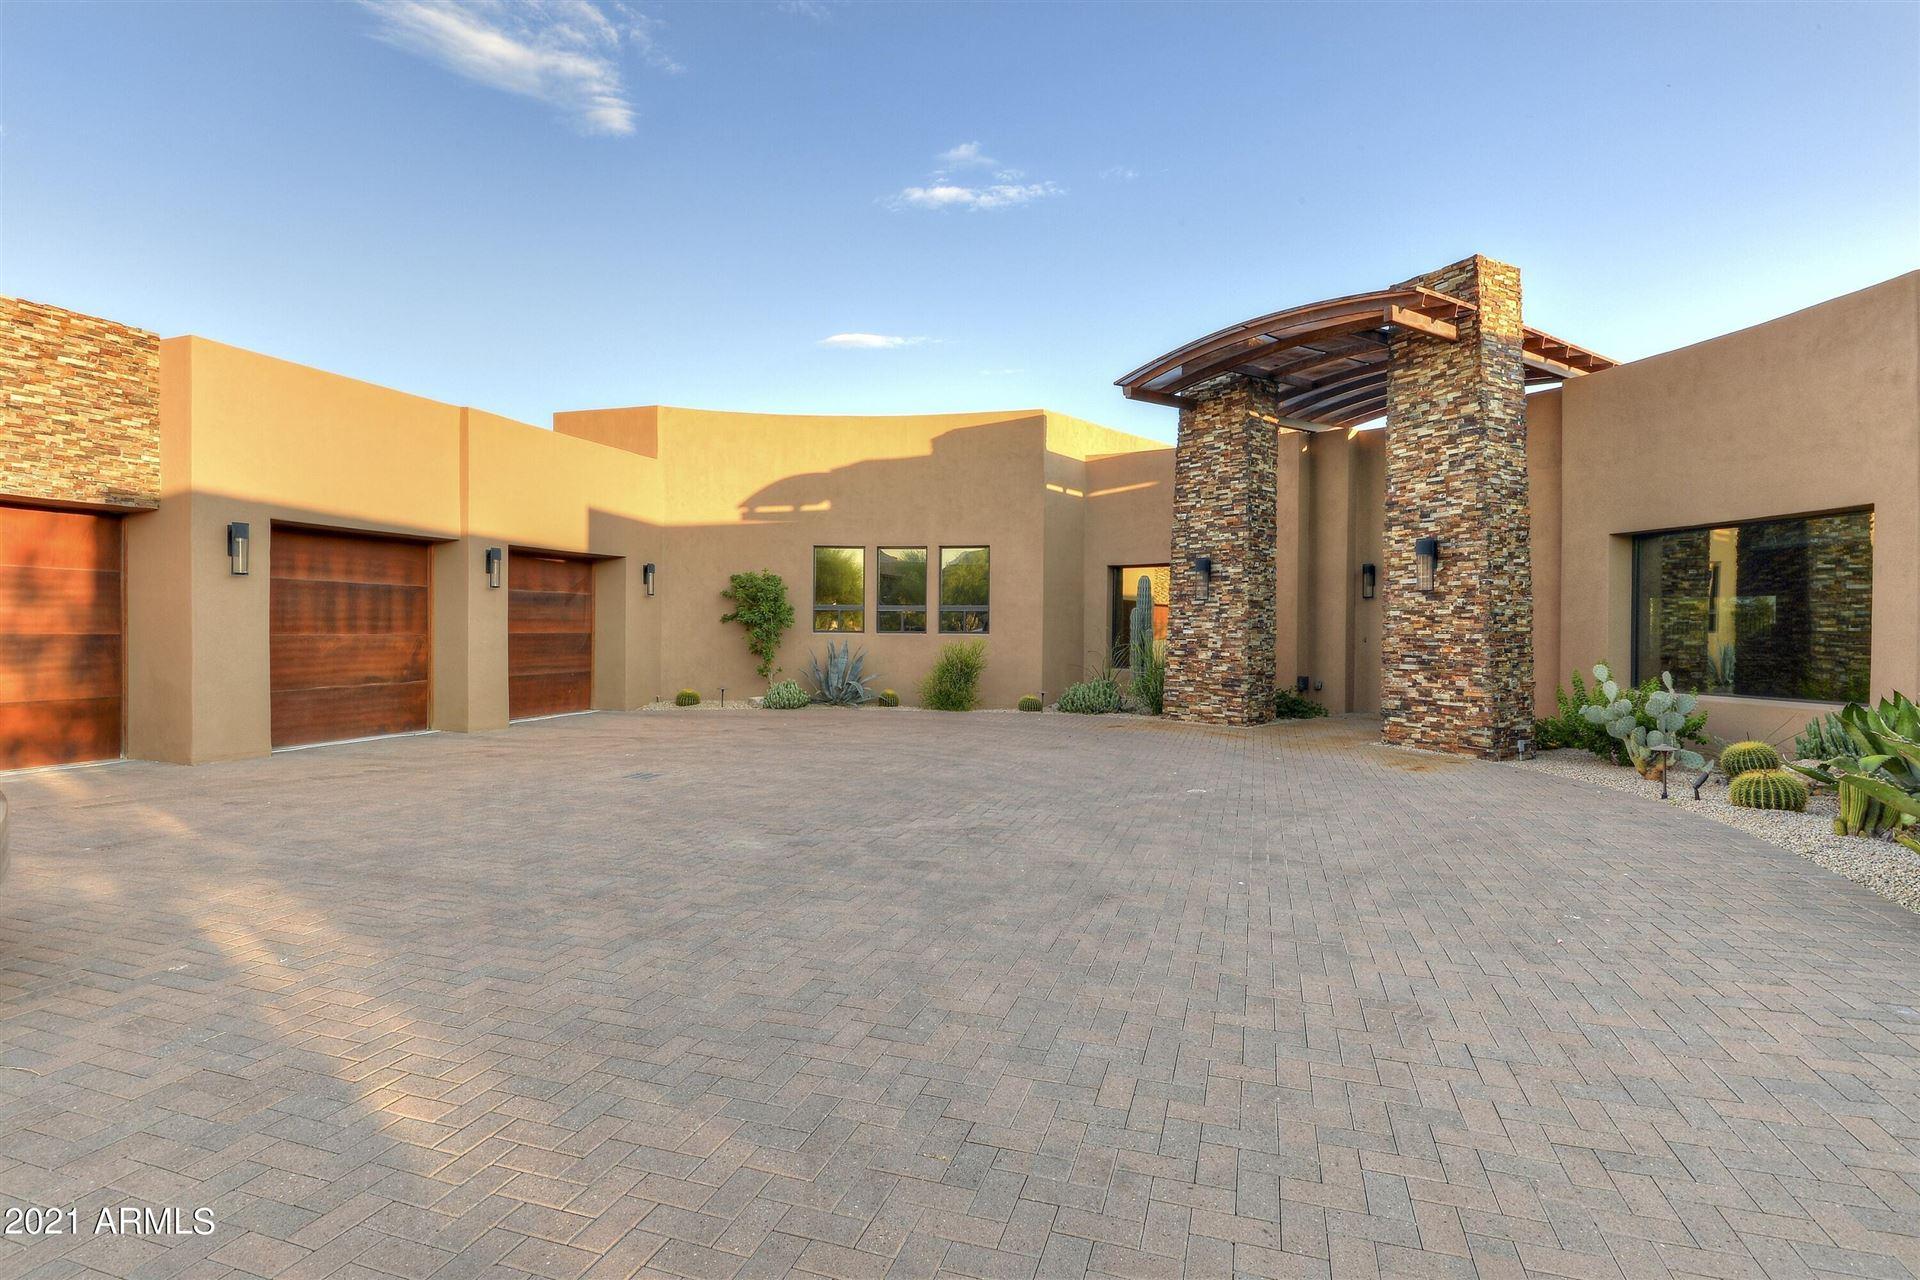 9729 E SUNDANCE Trail, Scottsdale, AZ 85262 - MLS#: 6293902